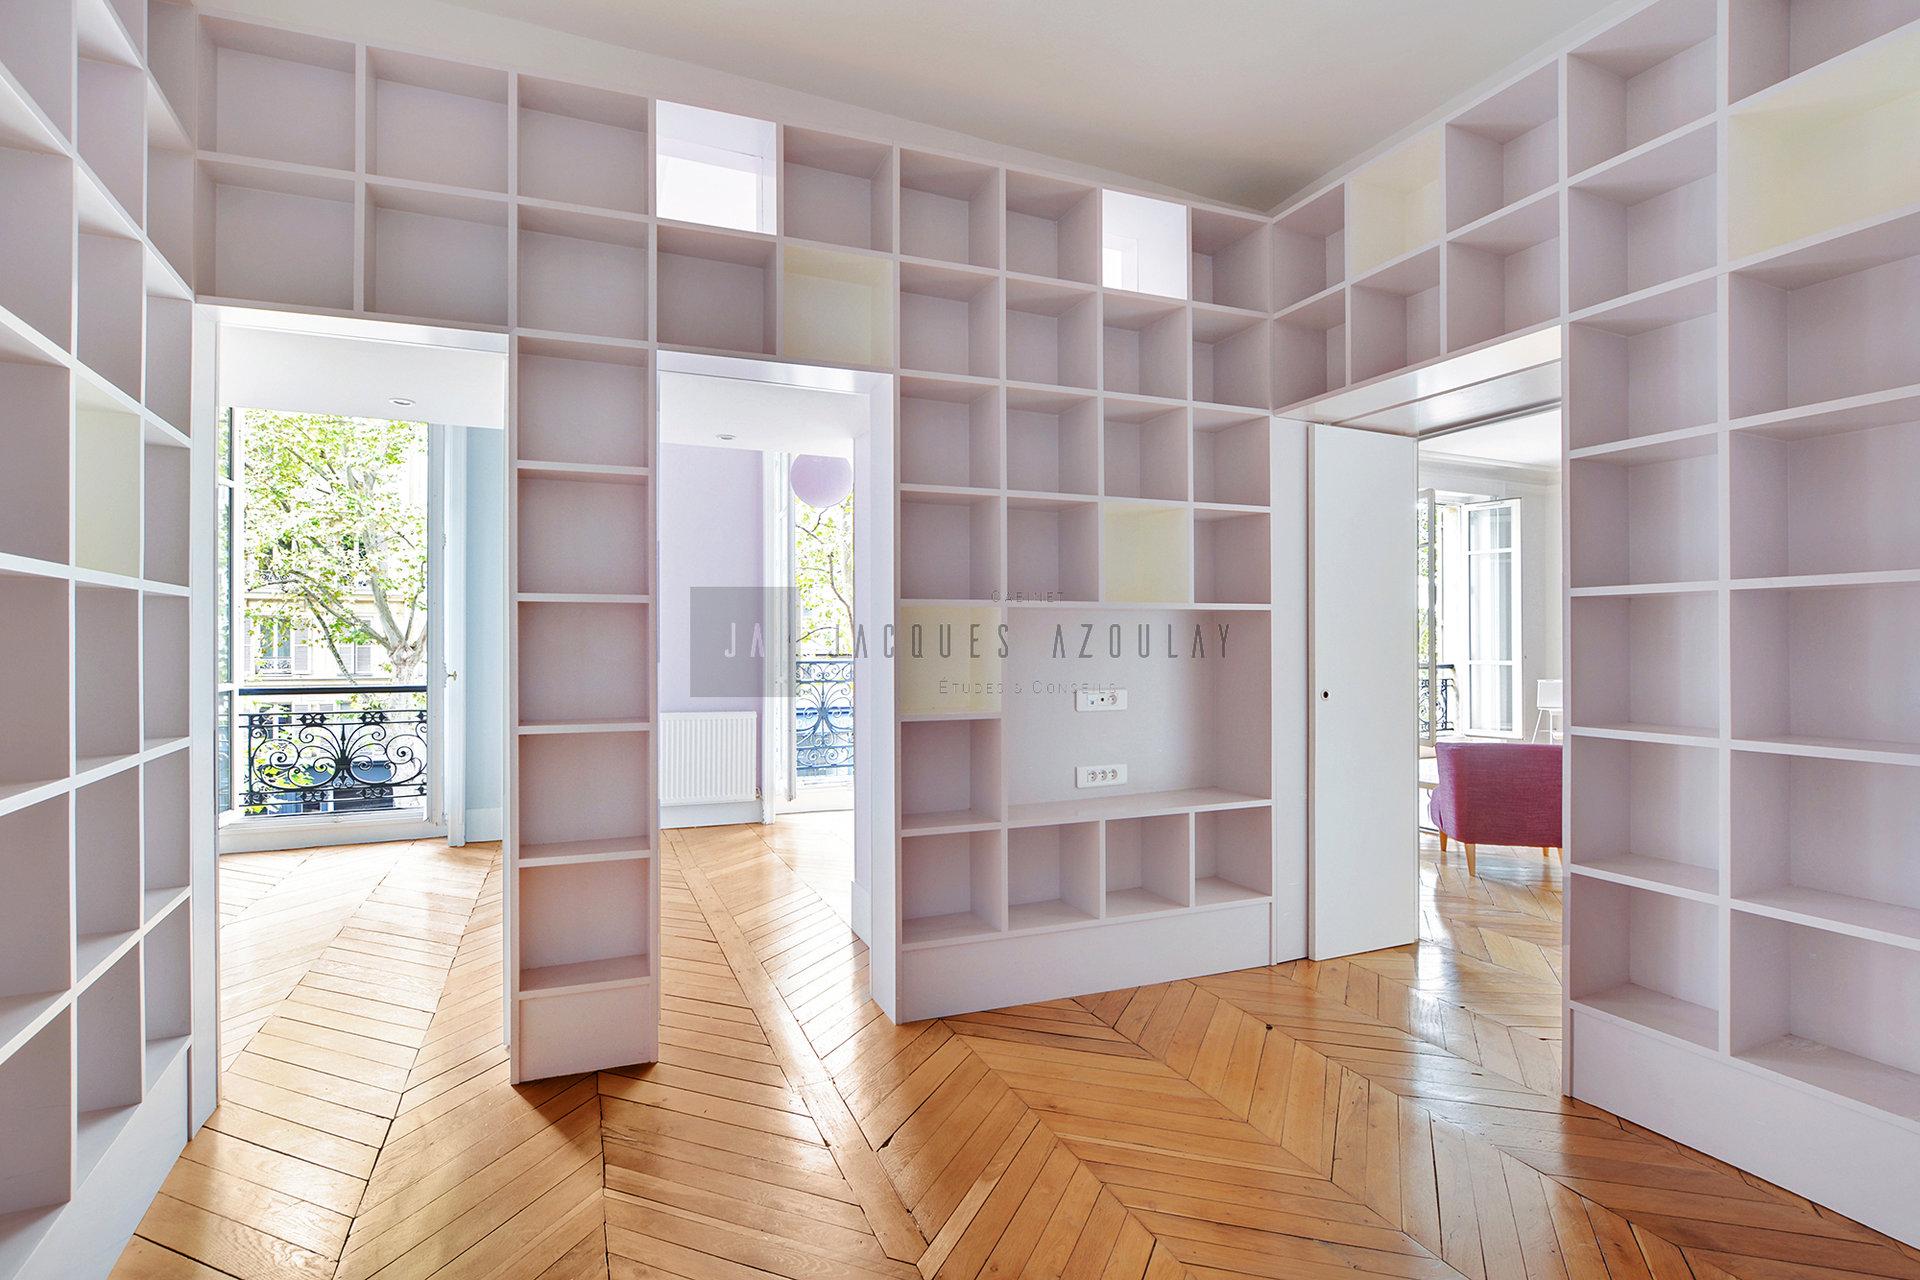 Vente Appartement - Paris 5ème Saint-Victor